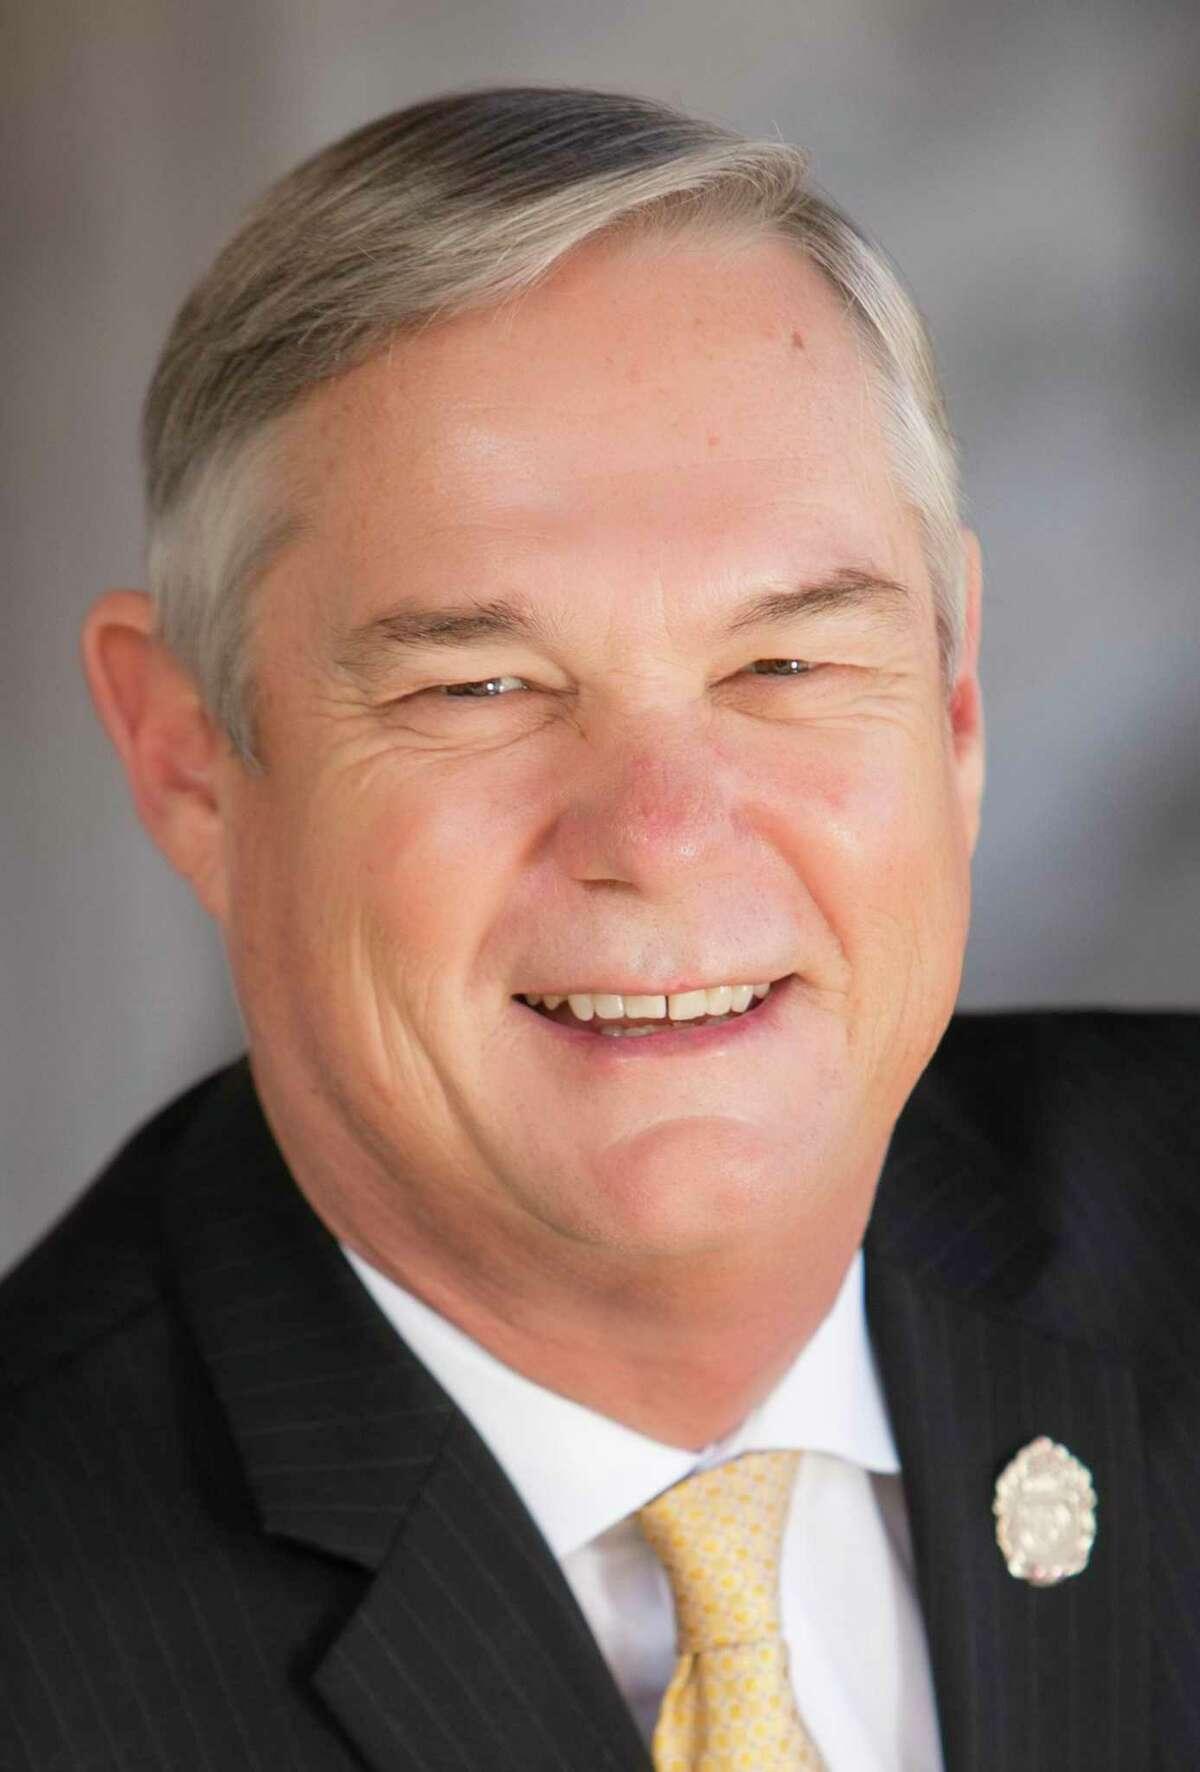 City Councilman Clayton Perry